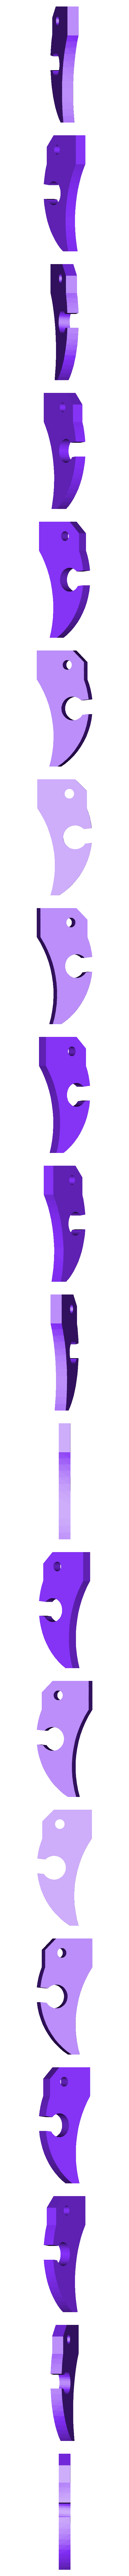 Nerfpistol_trigger3.STL Download STL file Nerf pistol with clip • 3D printer design, MrCrankyface